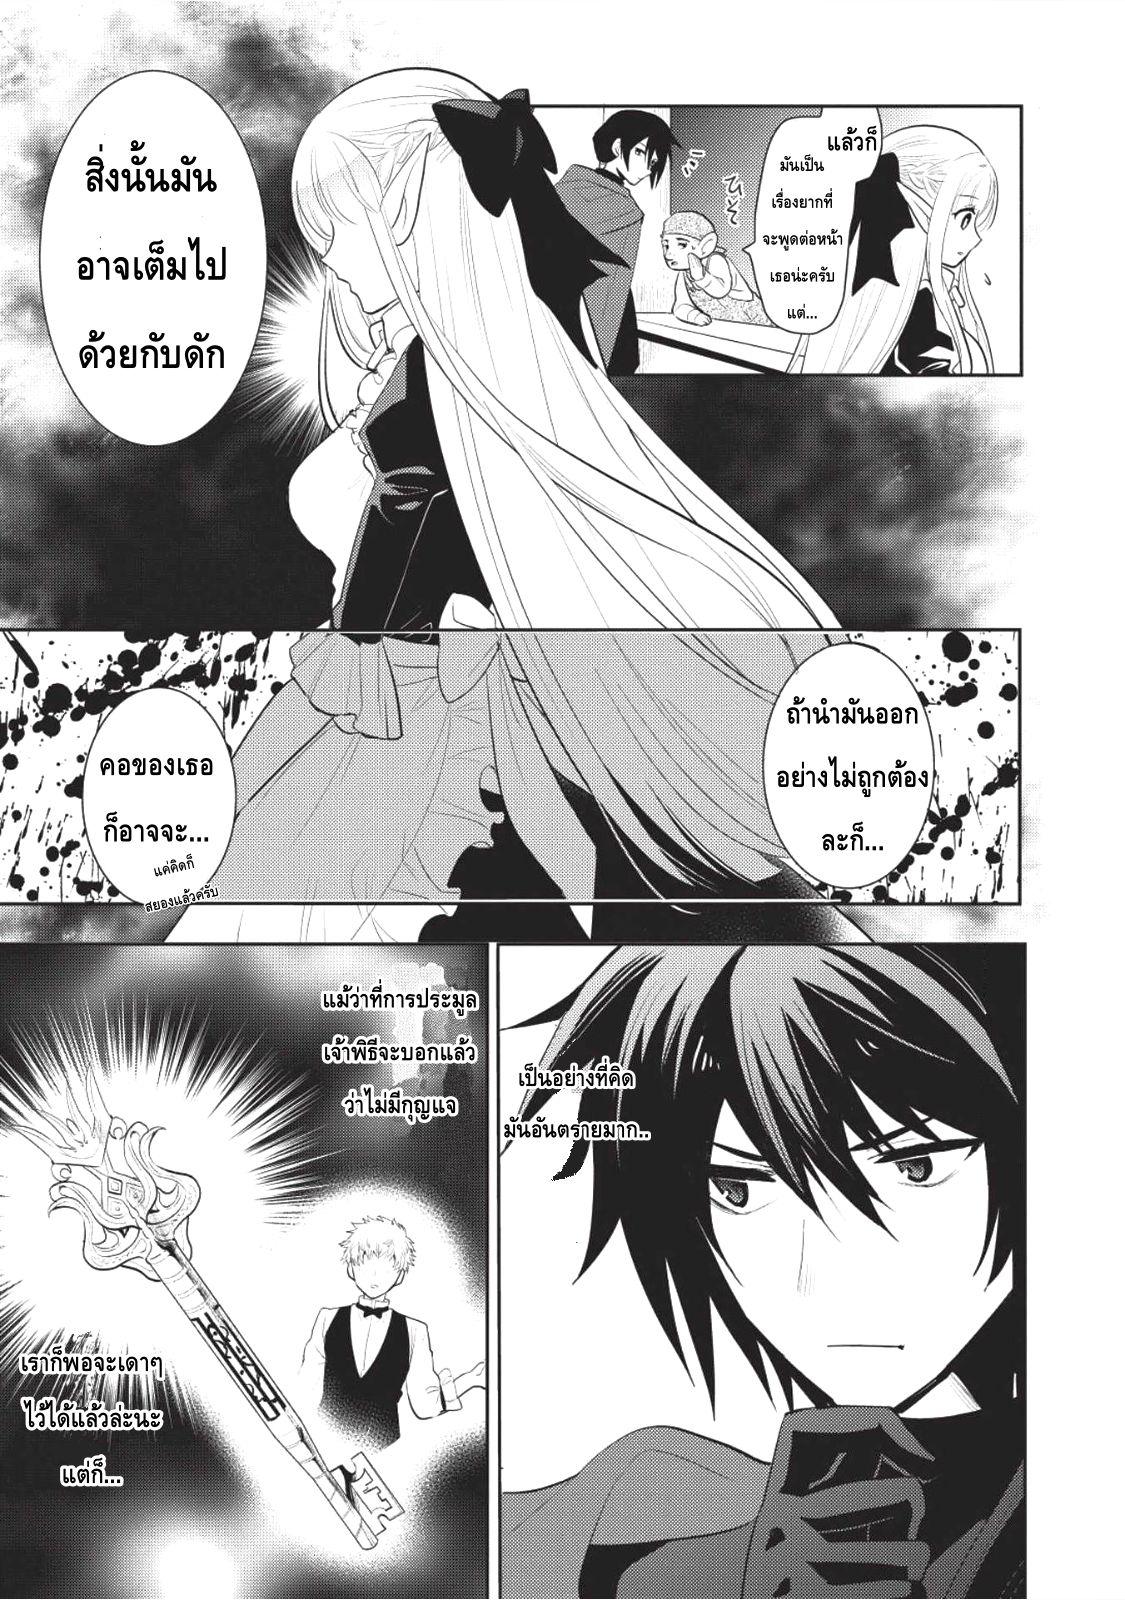 อ่านการ์ตูน Maou no Ore ga Dorei Elf wo Yome ni Shitanda ga Dou Medereba Ii ตอนที่ 4 หน้าที่ 13